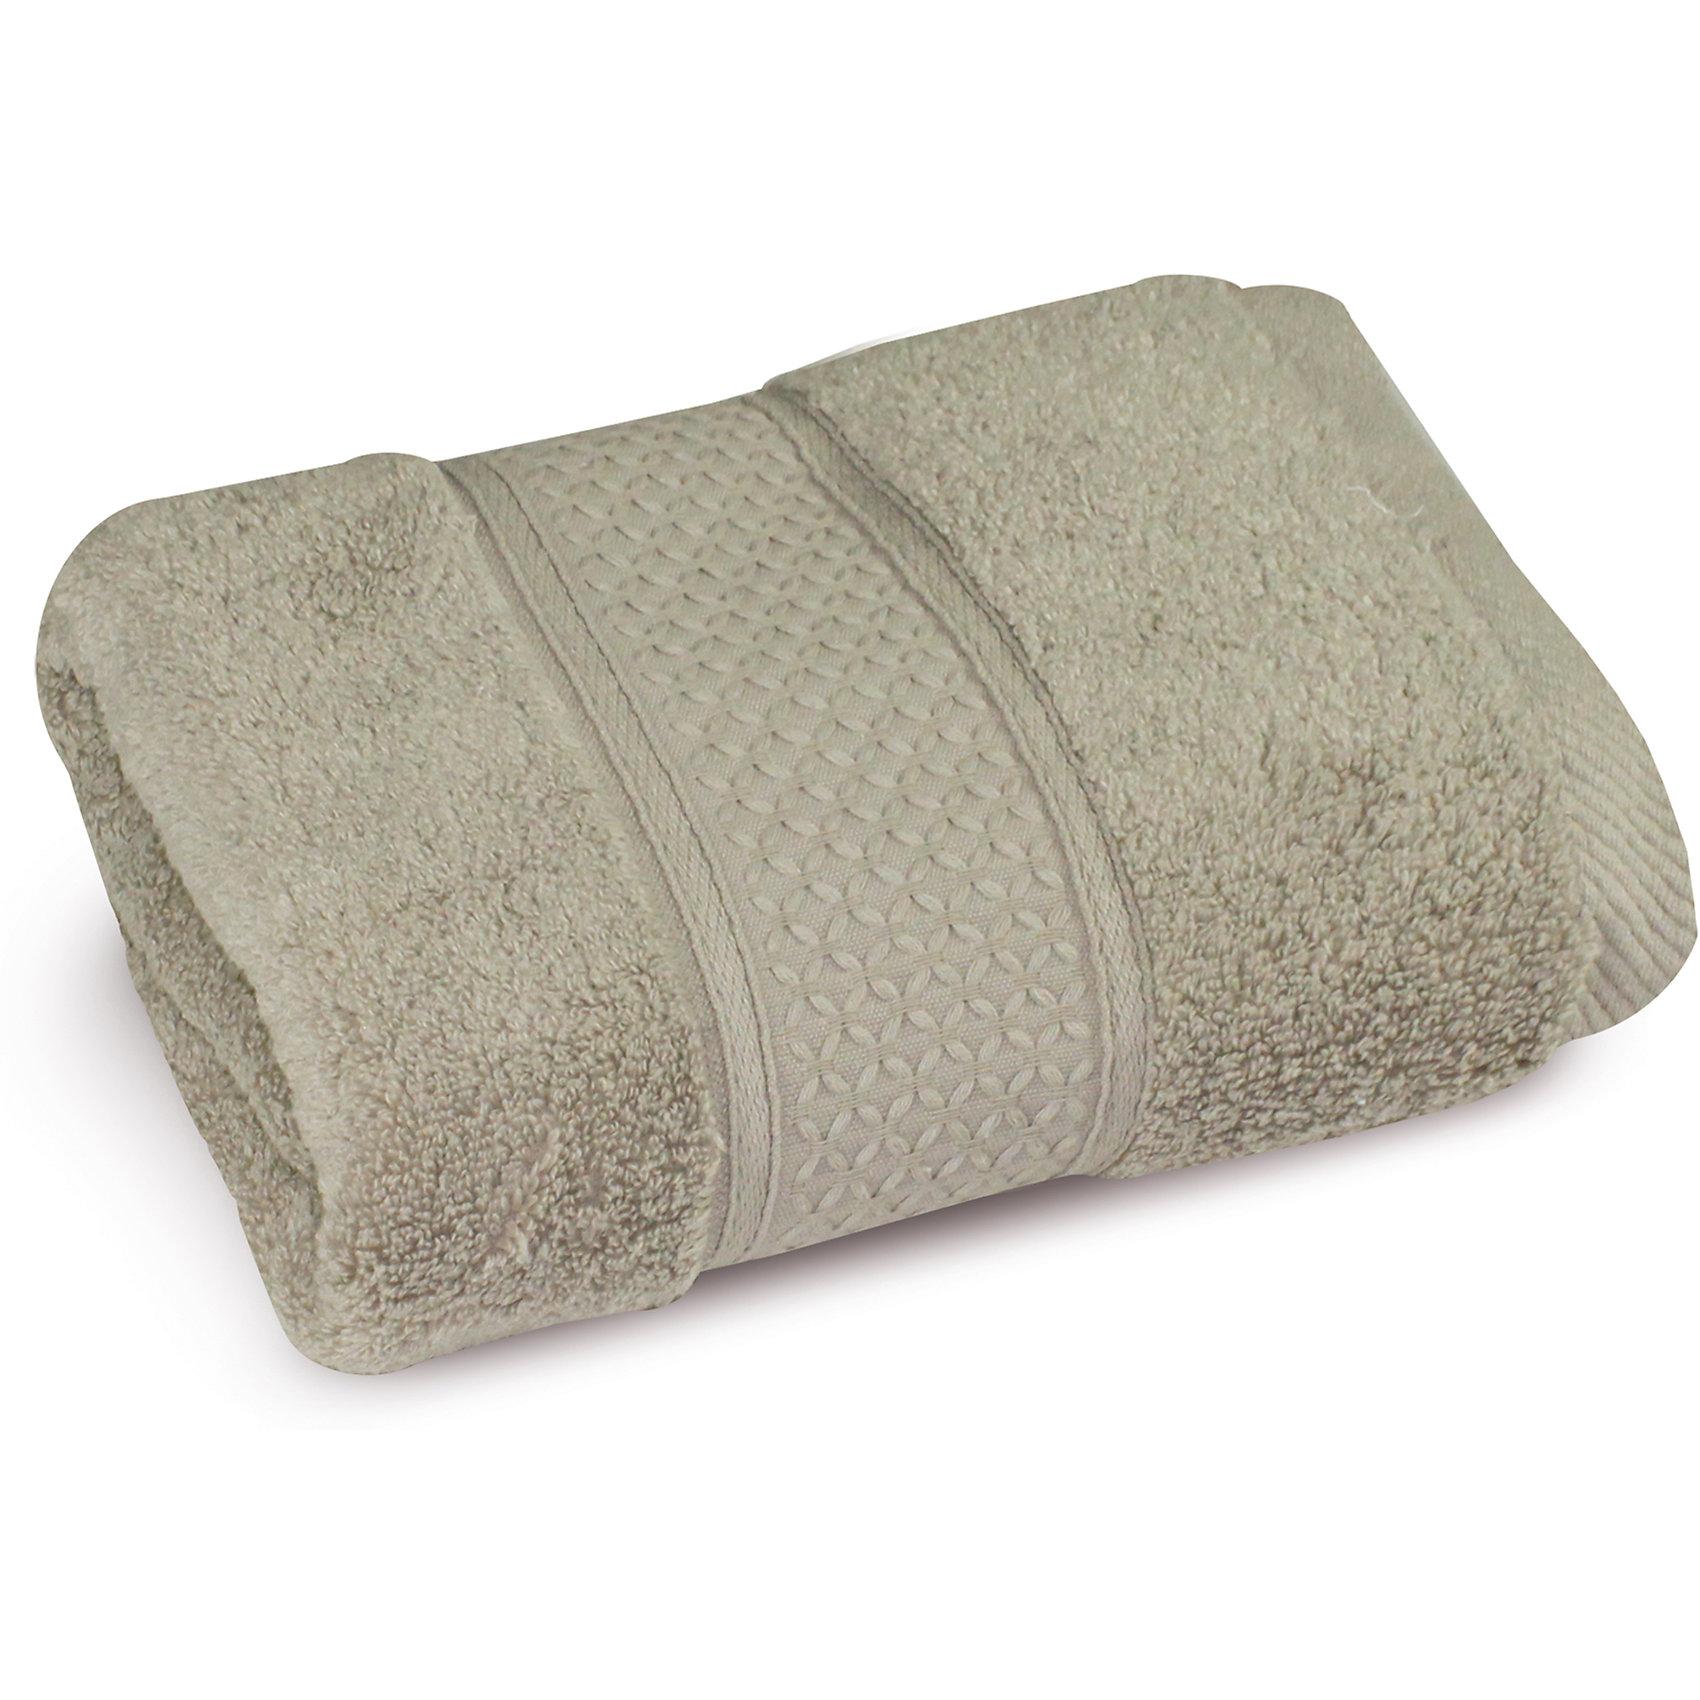 Полотенце махровое 30*70, Cozy Home, серыйВанная комната<br>Полотенце махровое 30*70, Cozy Home (Кози Хоум), серый<br><br>Характеристики:<br><br>• гиполлергенное и мягкое полотенце<br>• хорошо впитывает влагу<br>• легко стирать<br>• материал: хлопок<br>• размер: 30х70 см<br>• цвет: серый<br><br>Классическое махровое полотенце - отличный вариант для вашей ванной комнаты. Полотенце от Cozy Home выполнено из качественного хлопка, обладающего высокой гигроскопичностью. Оно быстро впитает влагу и подарит вам сухость и комфорт. Кроме того, полотенце устойчиво к выцветанию и деформации. Нежные и мягкие хлопковые волокна не вызывают раздражения и аллергии, а также препятствуют появлению бактерий. Полотенце украшено узором по краю. Приятный дизайн станет прекрасным дополнением к интерьеру ванной комнаты.<br><br>Полотенце махровое 30*70, Cozy Home (Кози Хоум), серый вы можете купить в нашем интернет-магазине.<br><br>Ширина мм: 150<br>Глубина мм: 250<br>Высота мм: 150<br>Вес г: 150<br>Возраст от месяцев: 0<br>Возраст до месяцев: 216<br>Пол: Унисекс<br>Возраст: Детский<br>SKU: 5355272